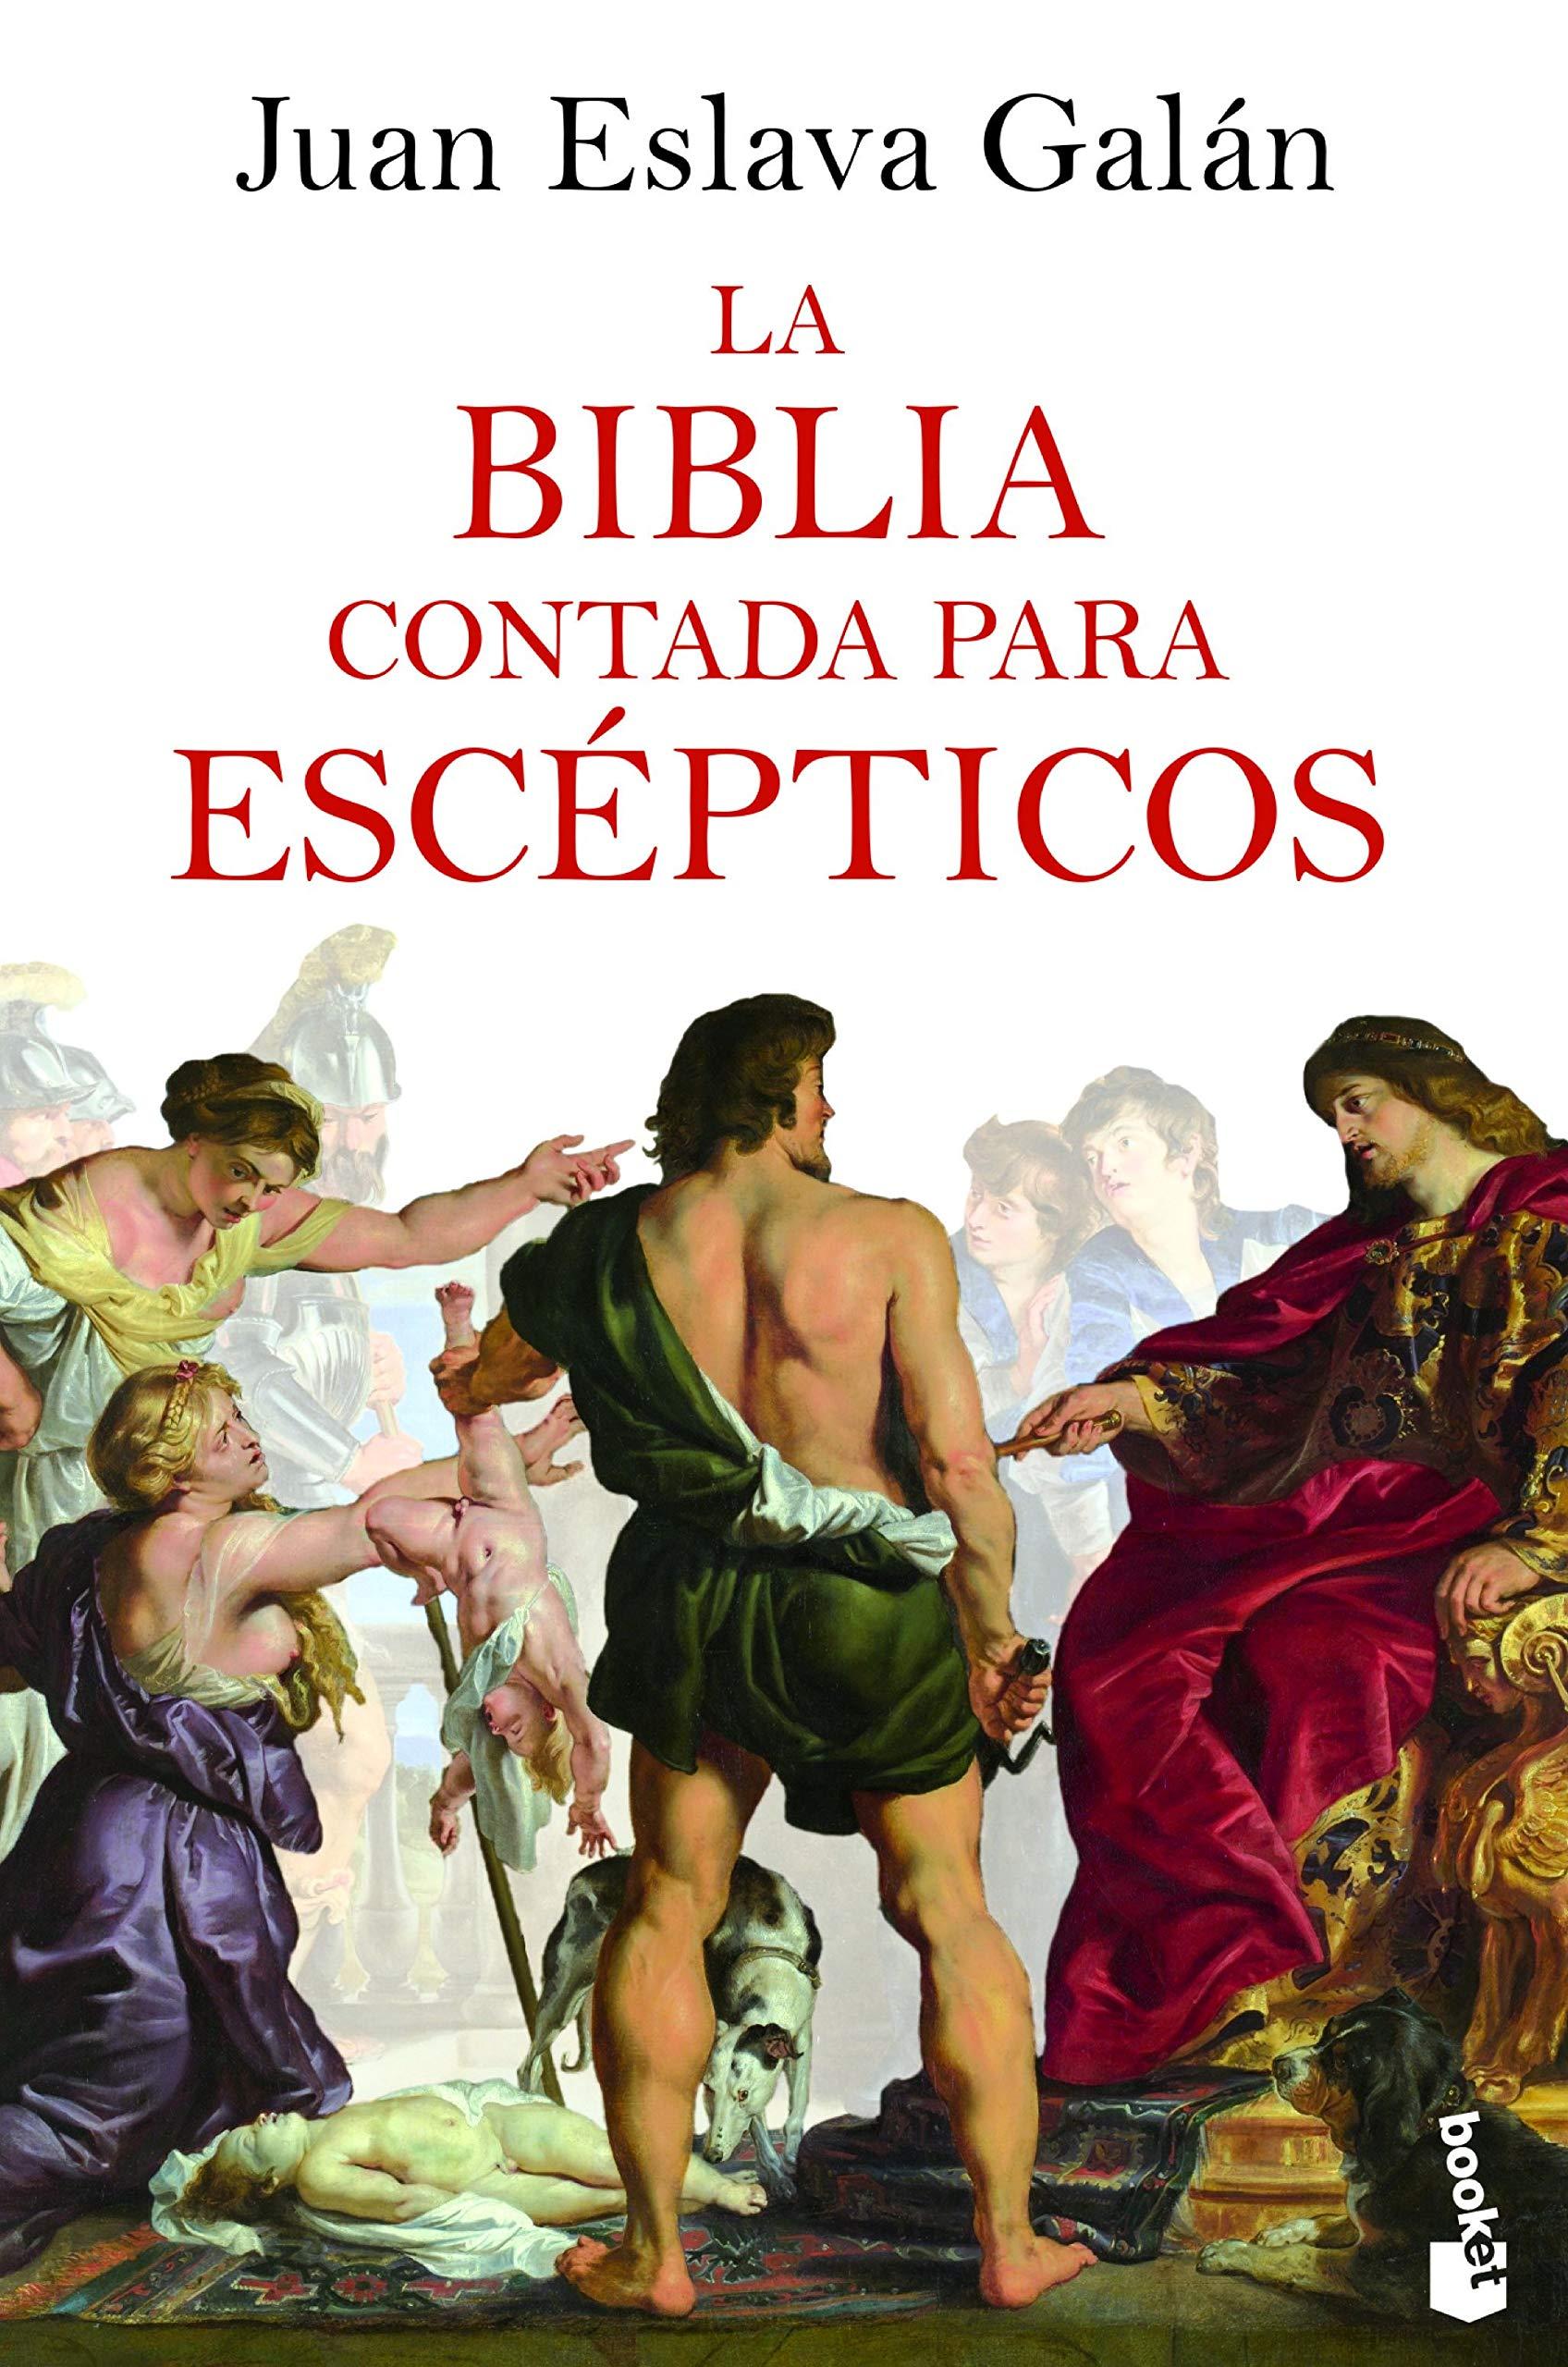 La Biblia contada para escépticos (Divulgación): Amazon.es: Eslava Galán, Juan: Libros